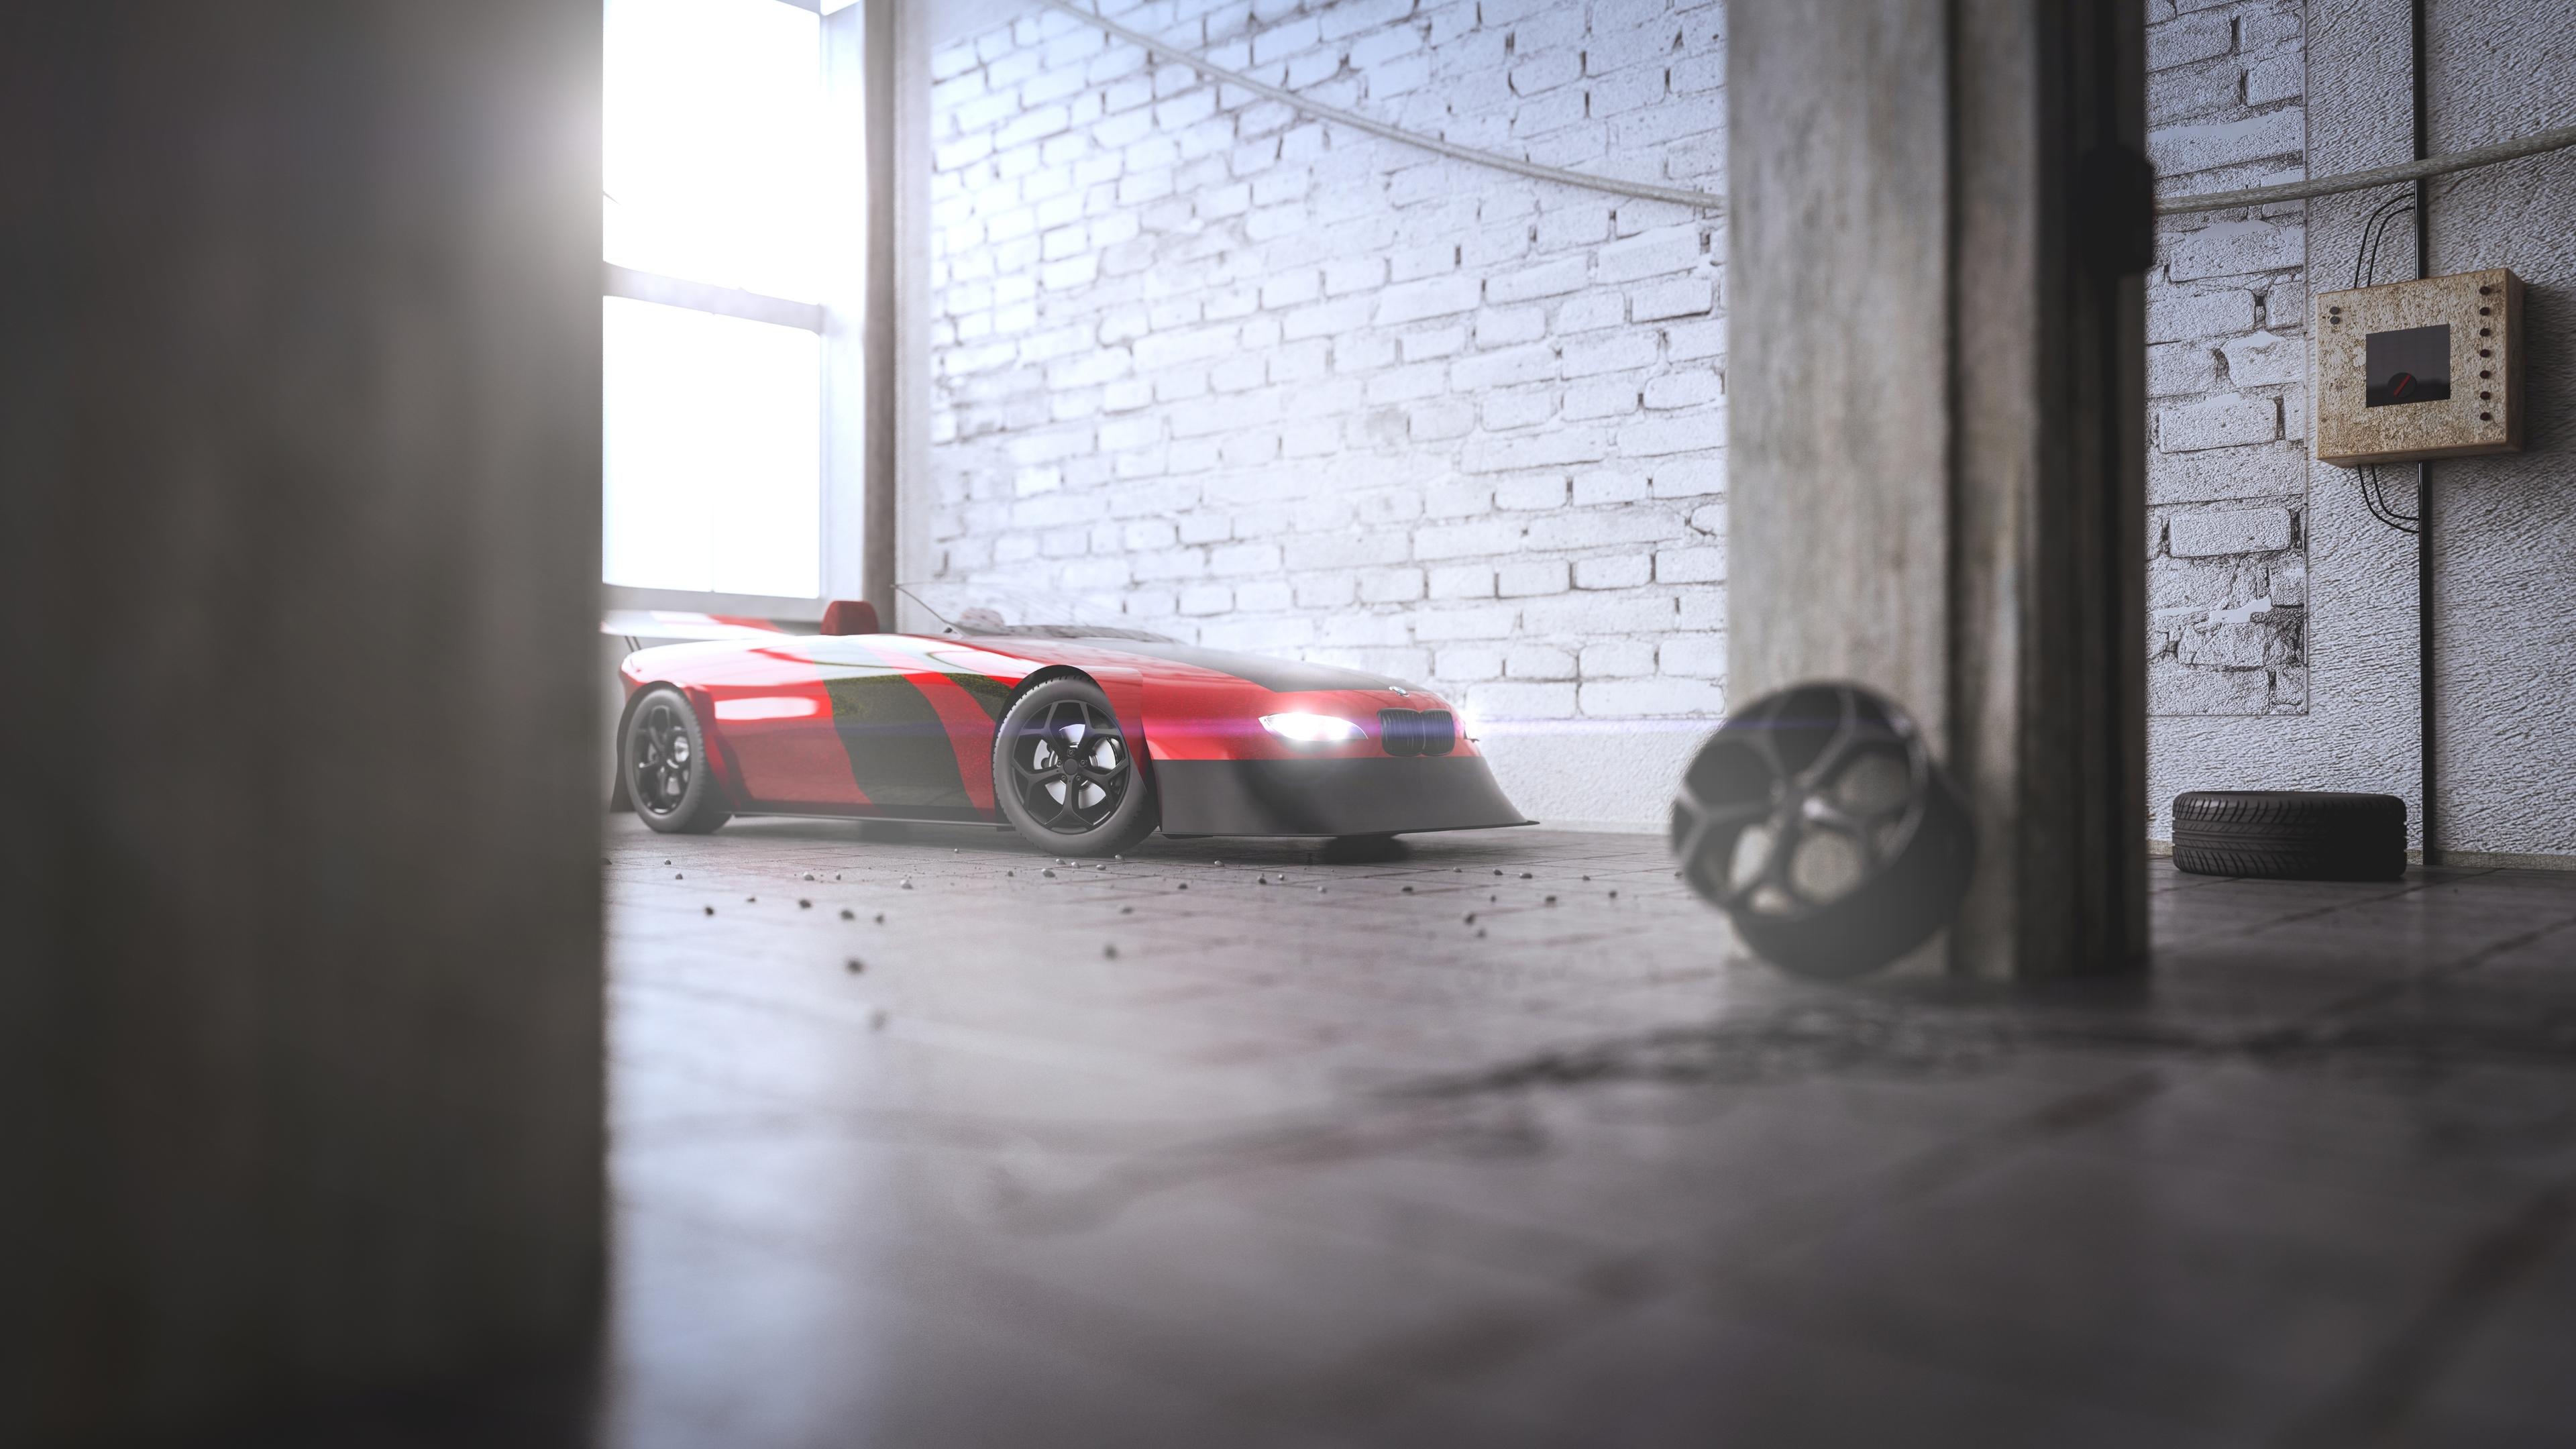 bmw convertible concept car 1539110568 - Bmw Convertible Concept Car - hd-wallpapers, concept cars wallpapers, bmw wallpapers, artist wallpapers, 5k wallpapers, 4k-wallpapers